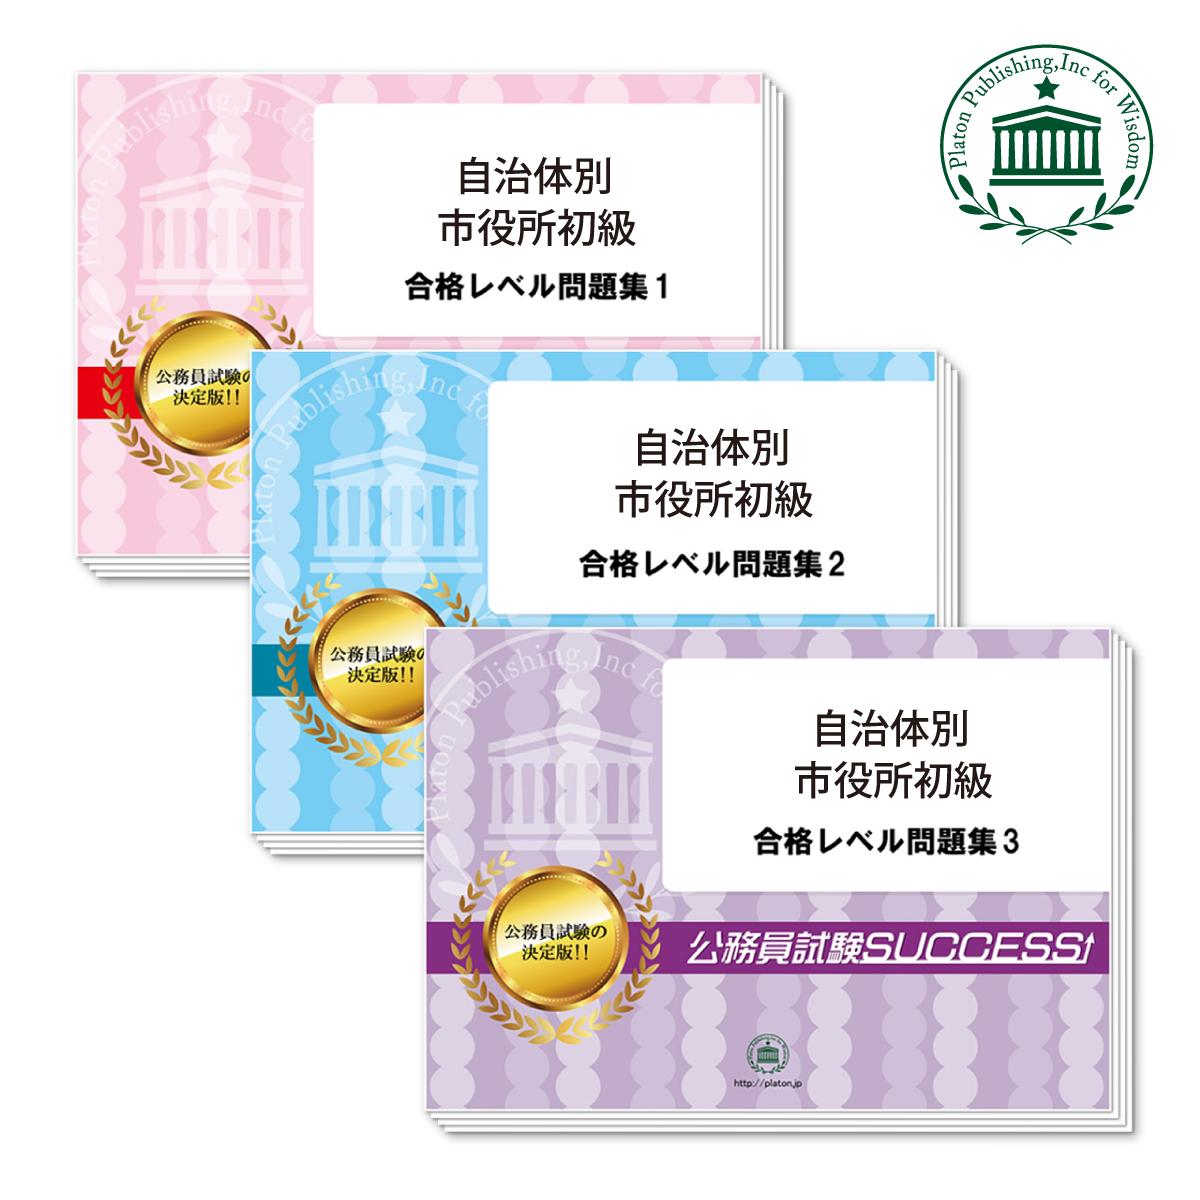 【送料・代引手数料無料】伊豆の国市職員採用(高校区分)教養試験合格セット(3冊)